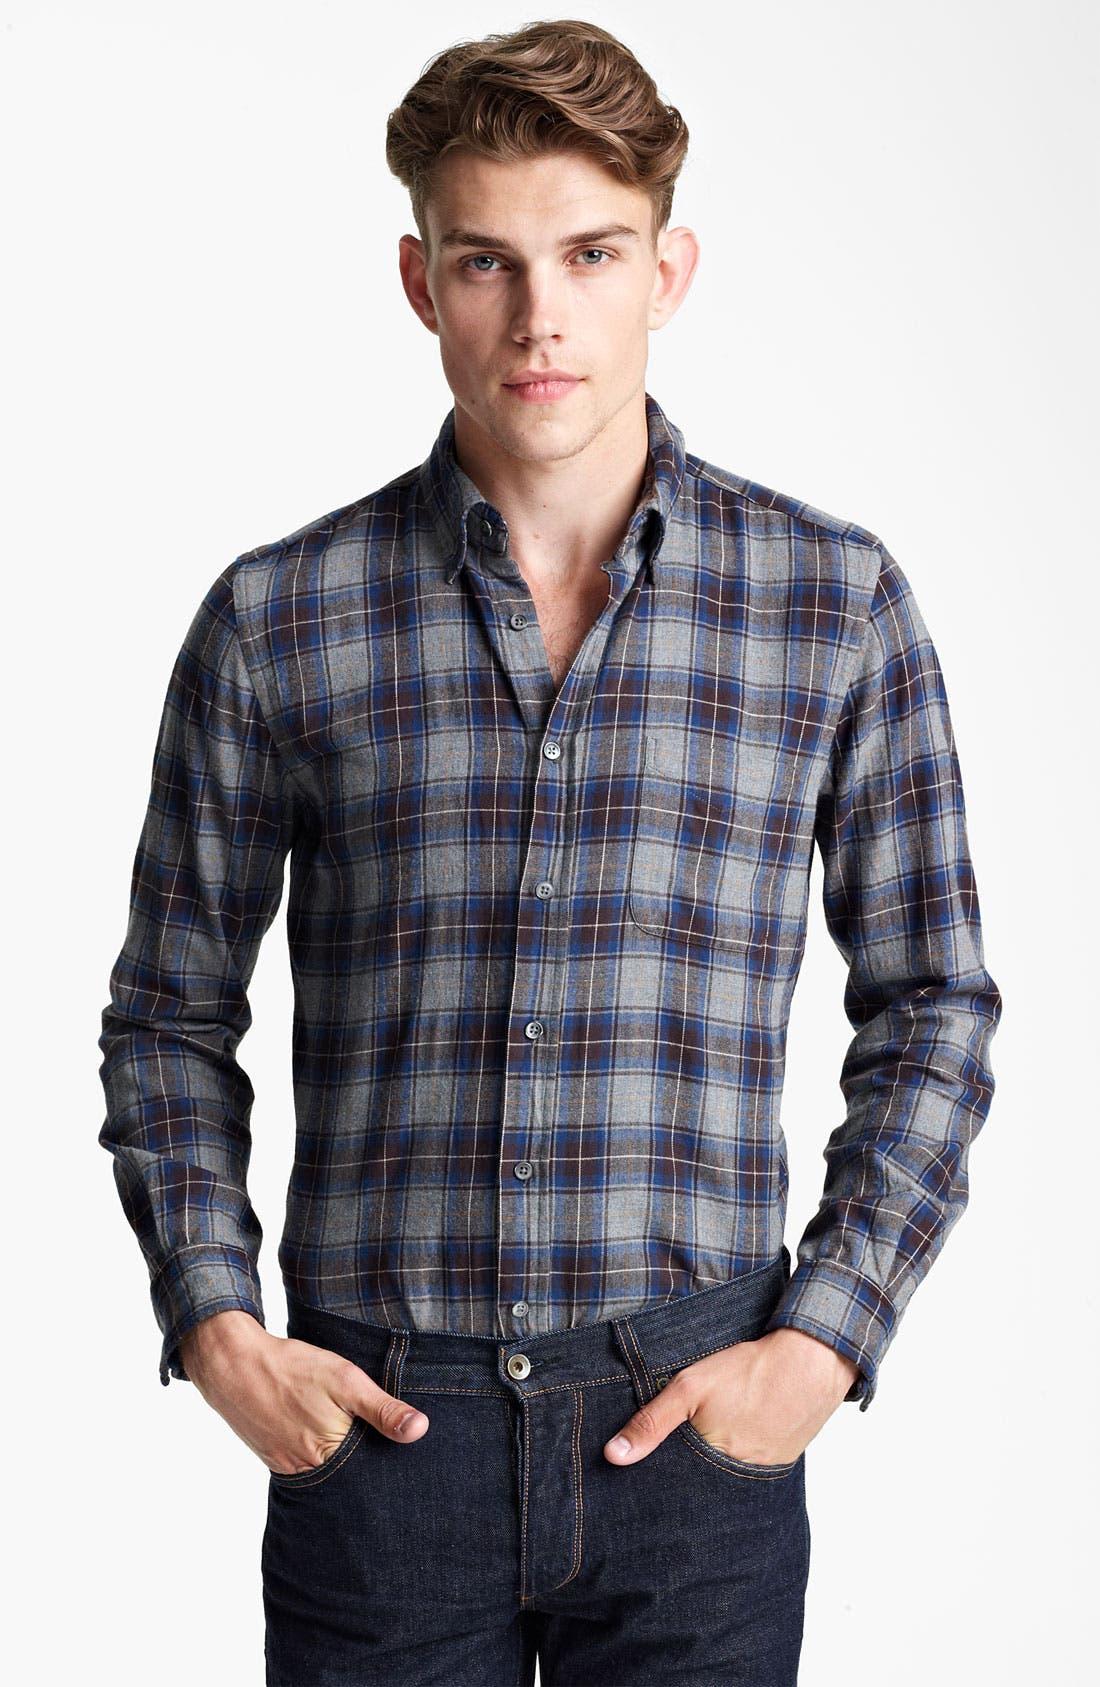 Alternate Image 1 Selected - Steven Alan 'Collegiate' Plaid Woven Shirt